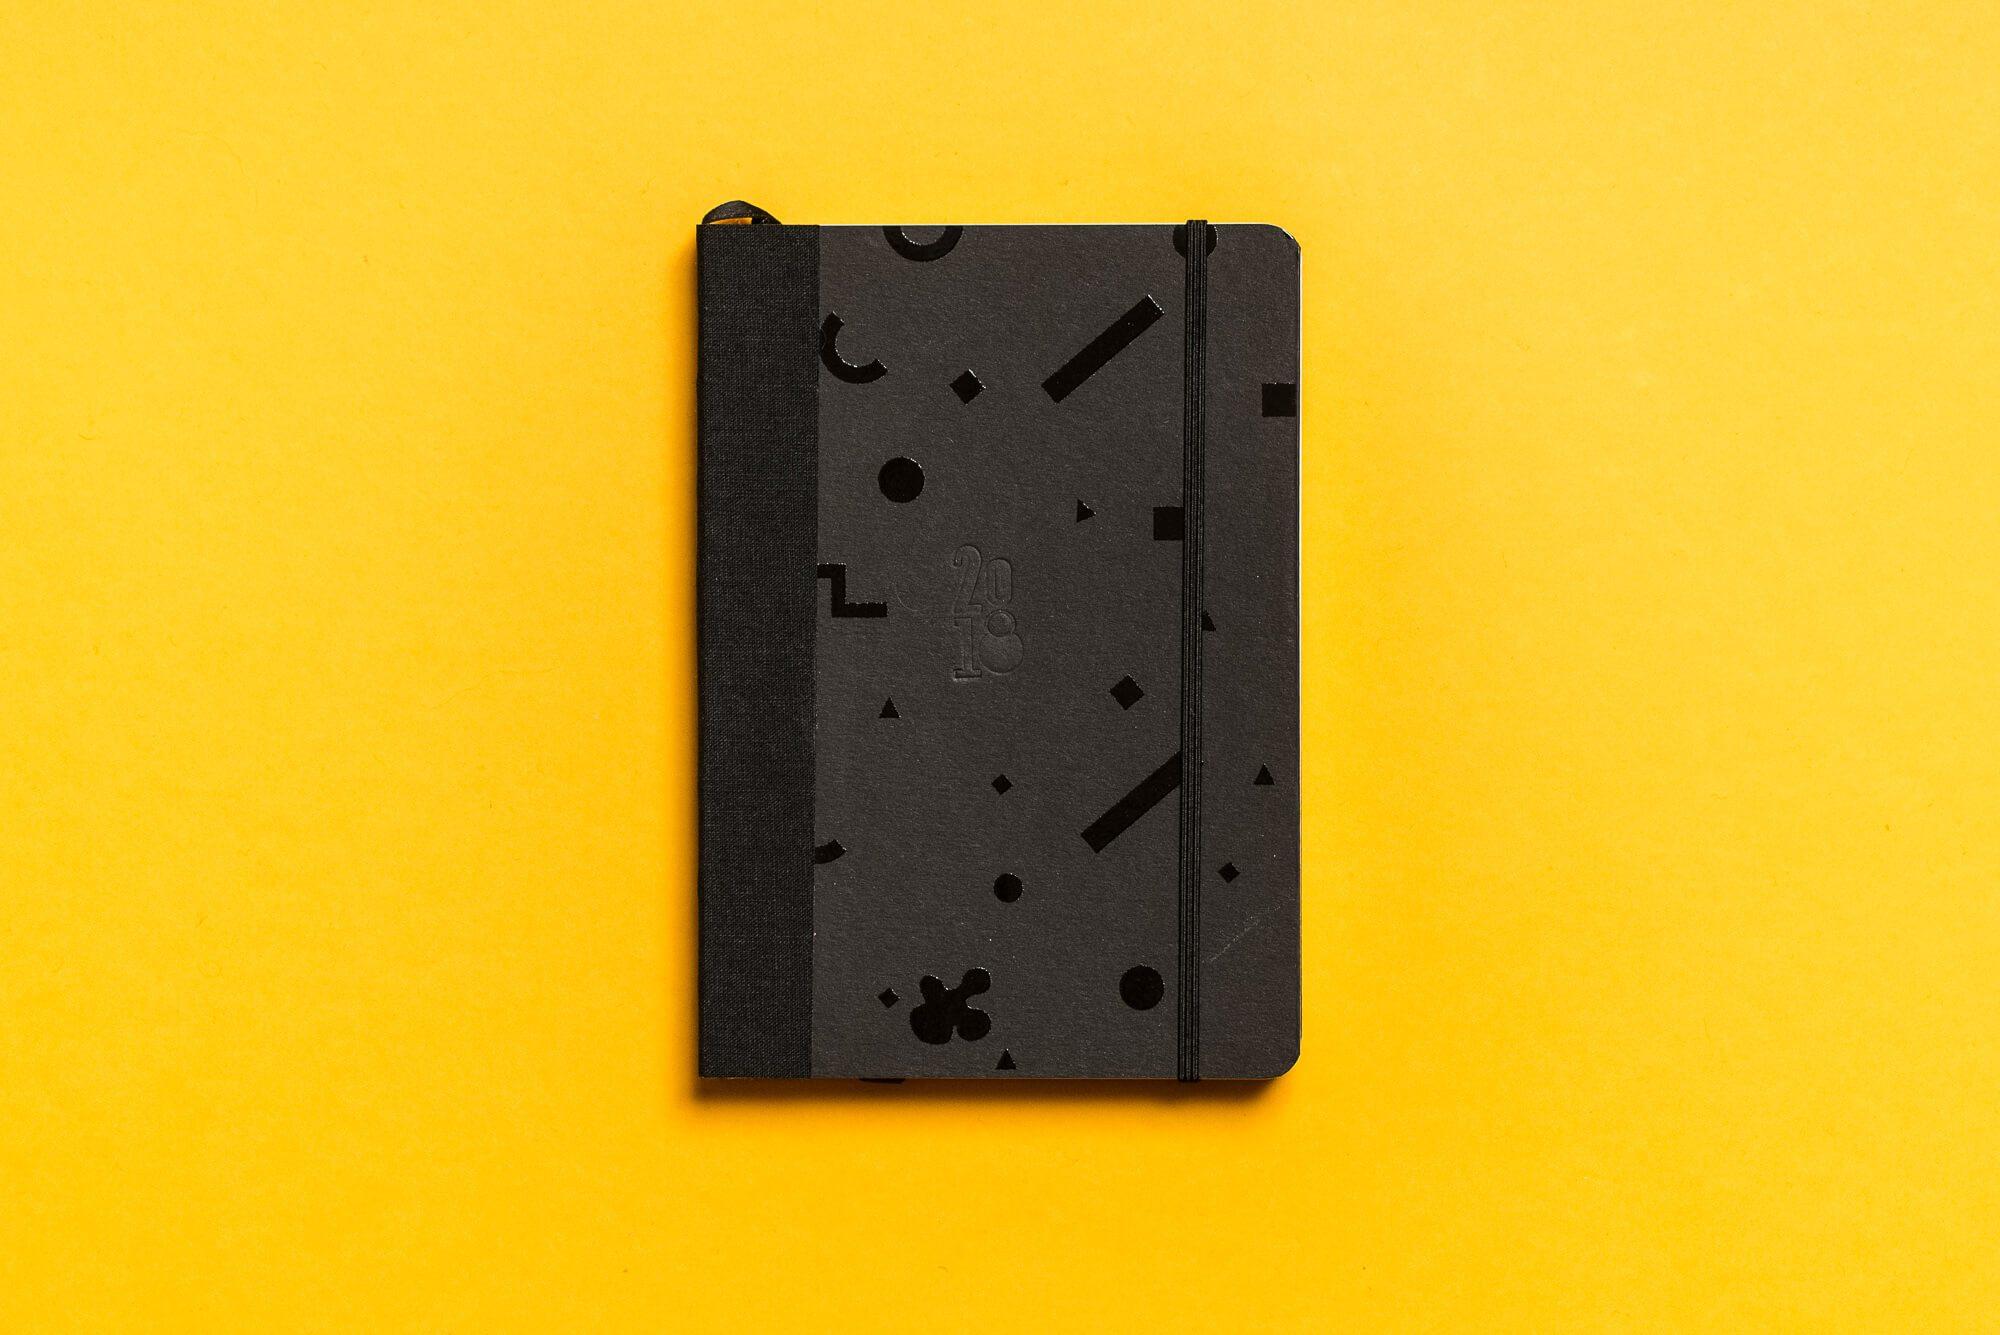 Czarny kalendarz z czarnymi geometrycznymi figurami na zoltym tle